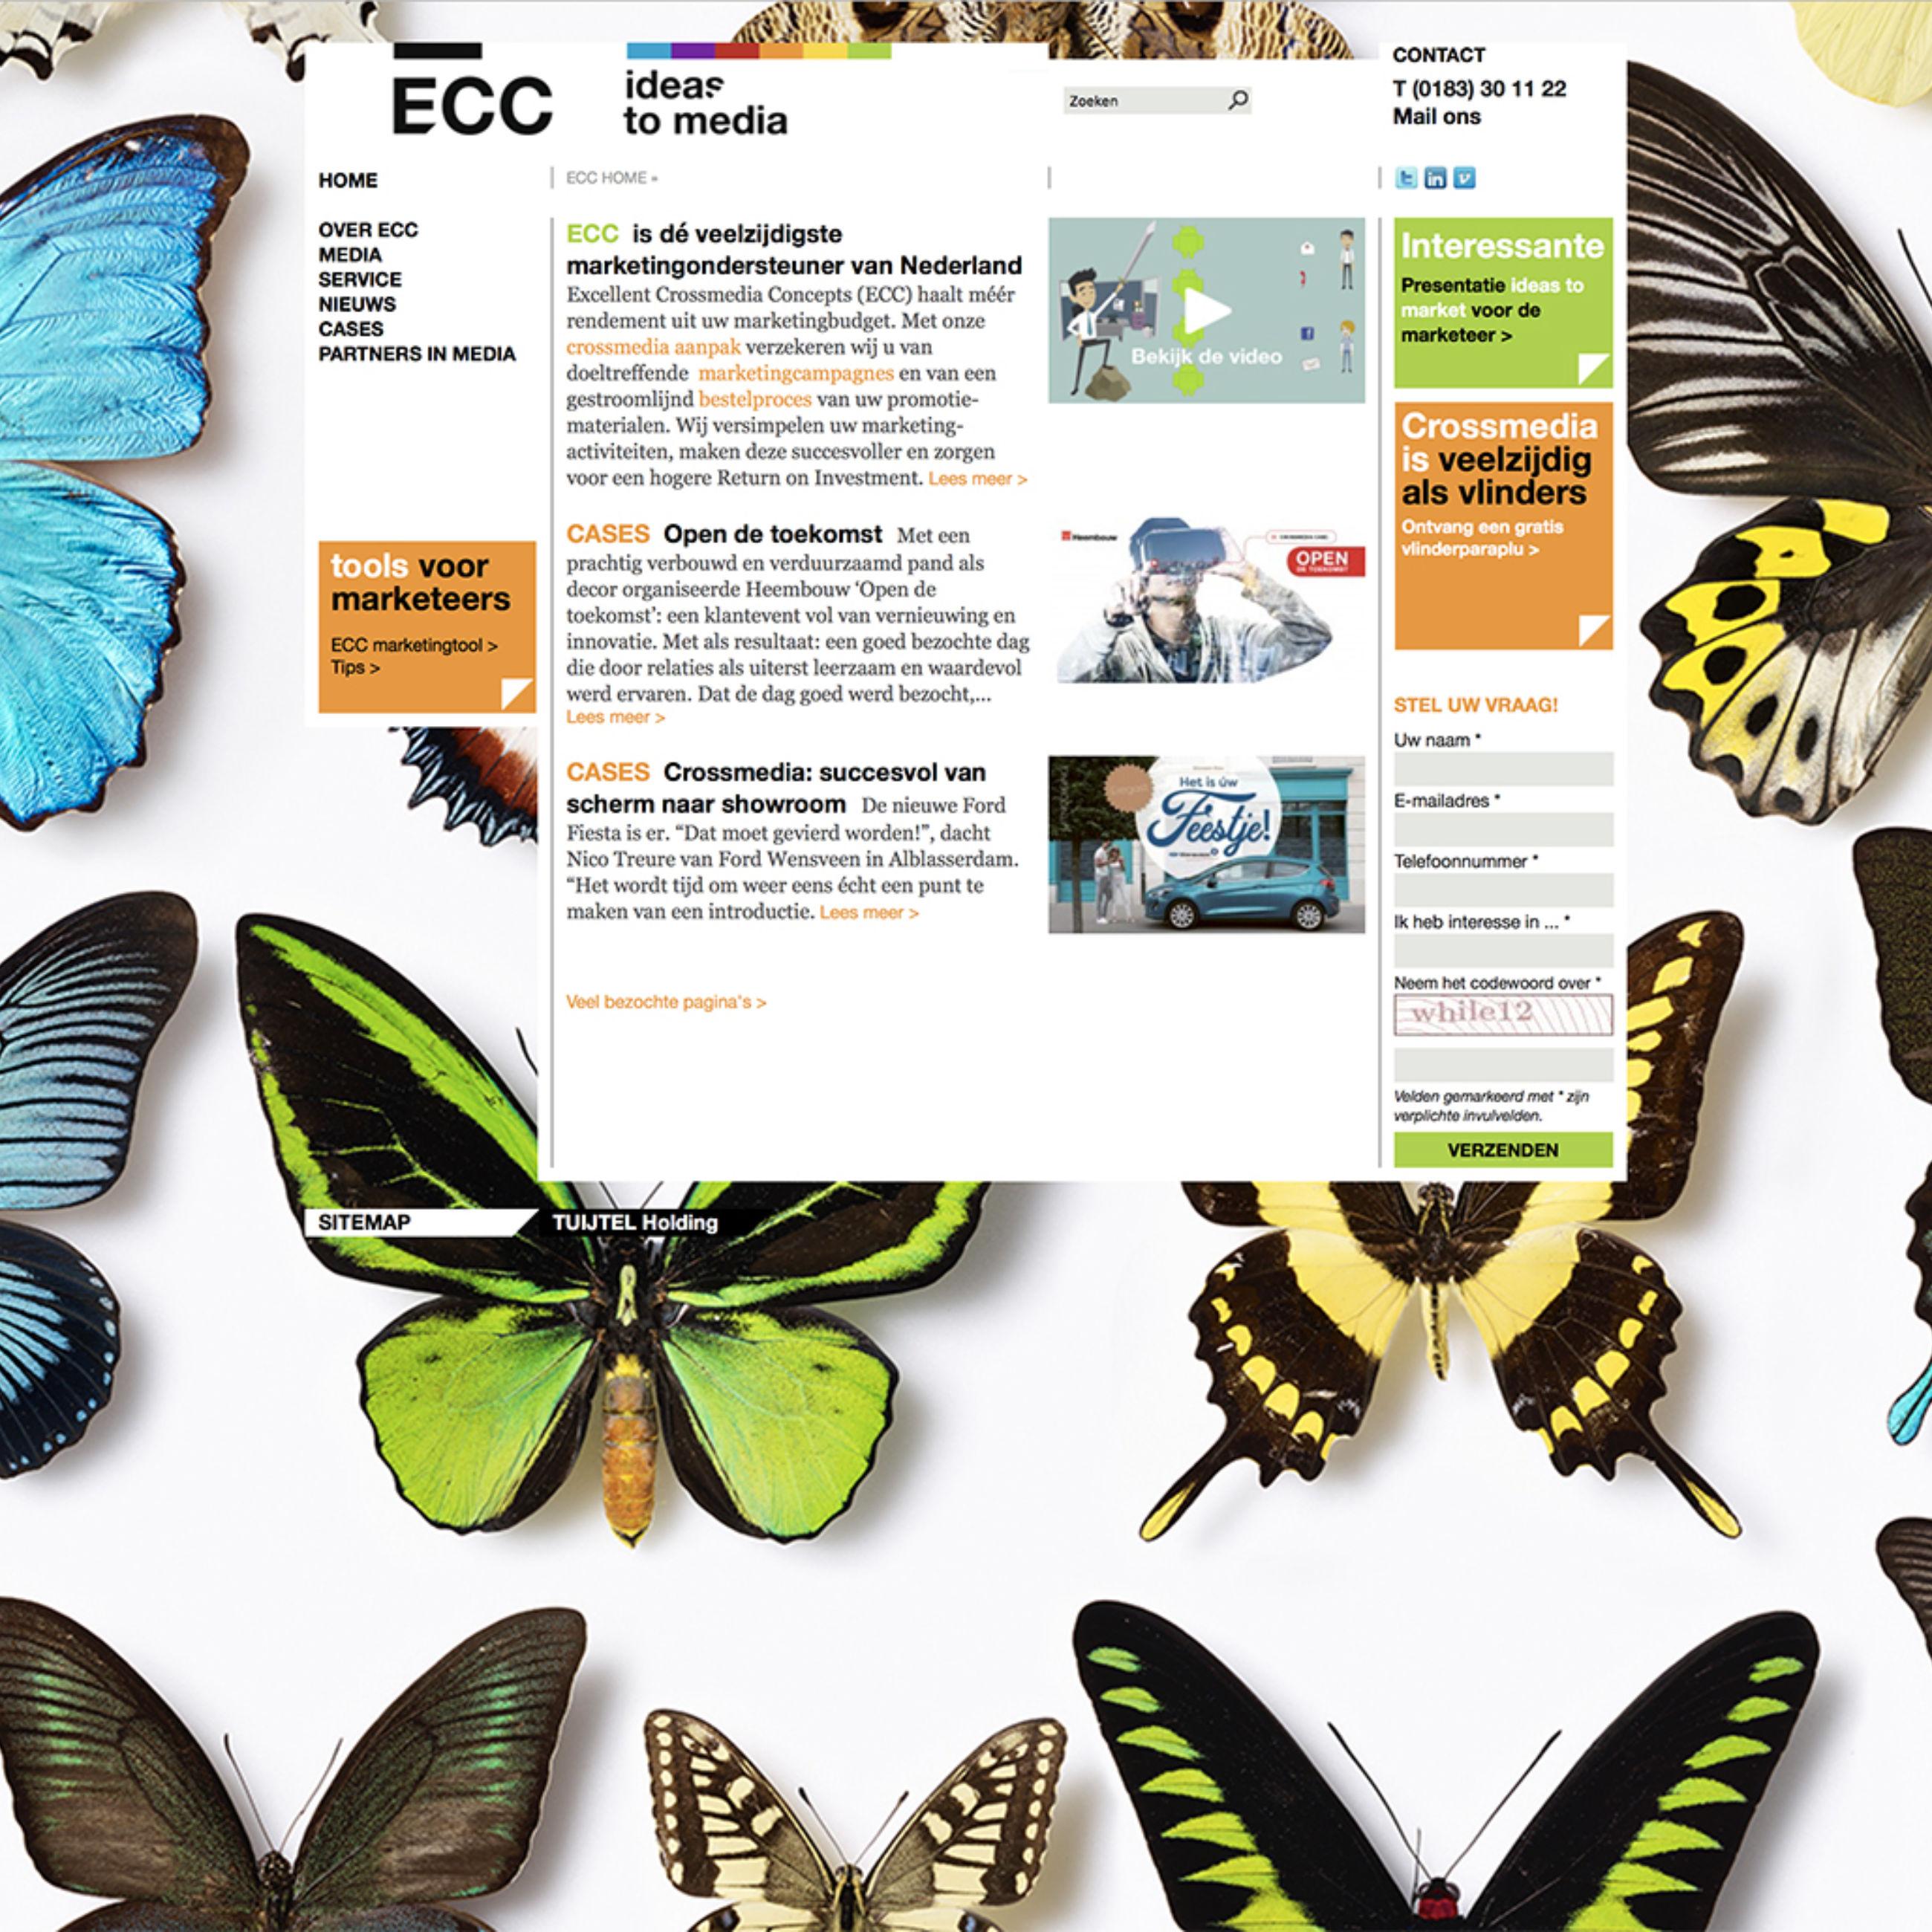 Ecc04